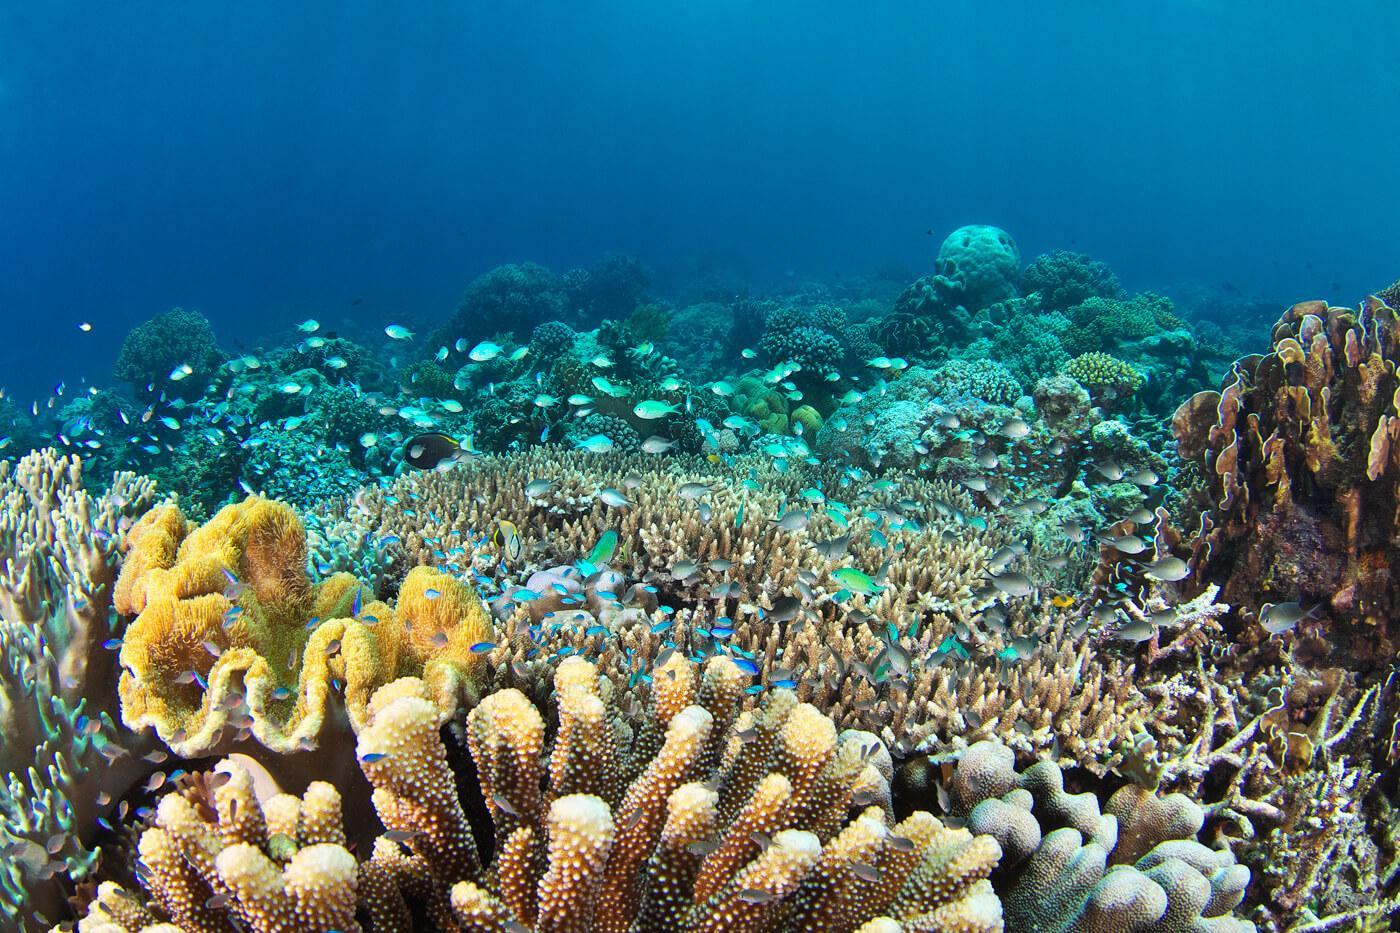 A coral reef in Raja Ampat, Indonesia. © Keoki Stender